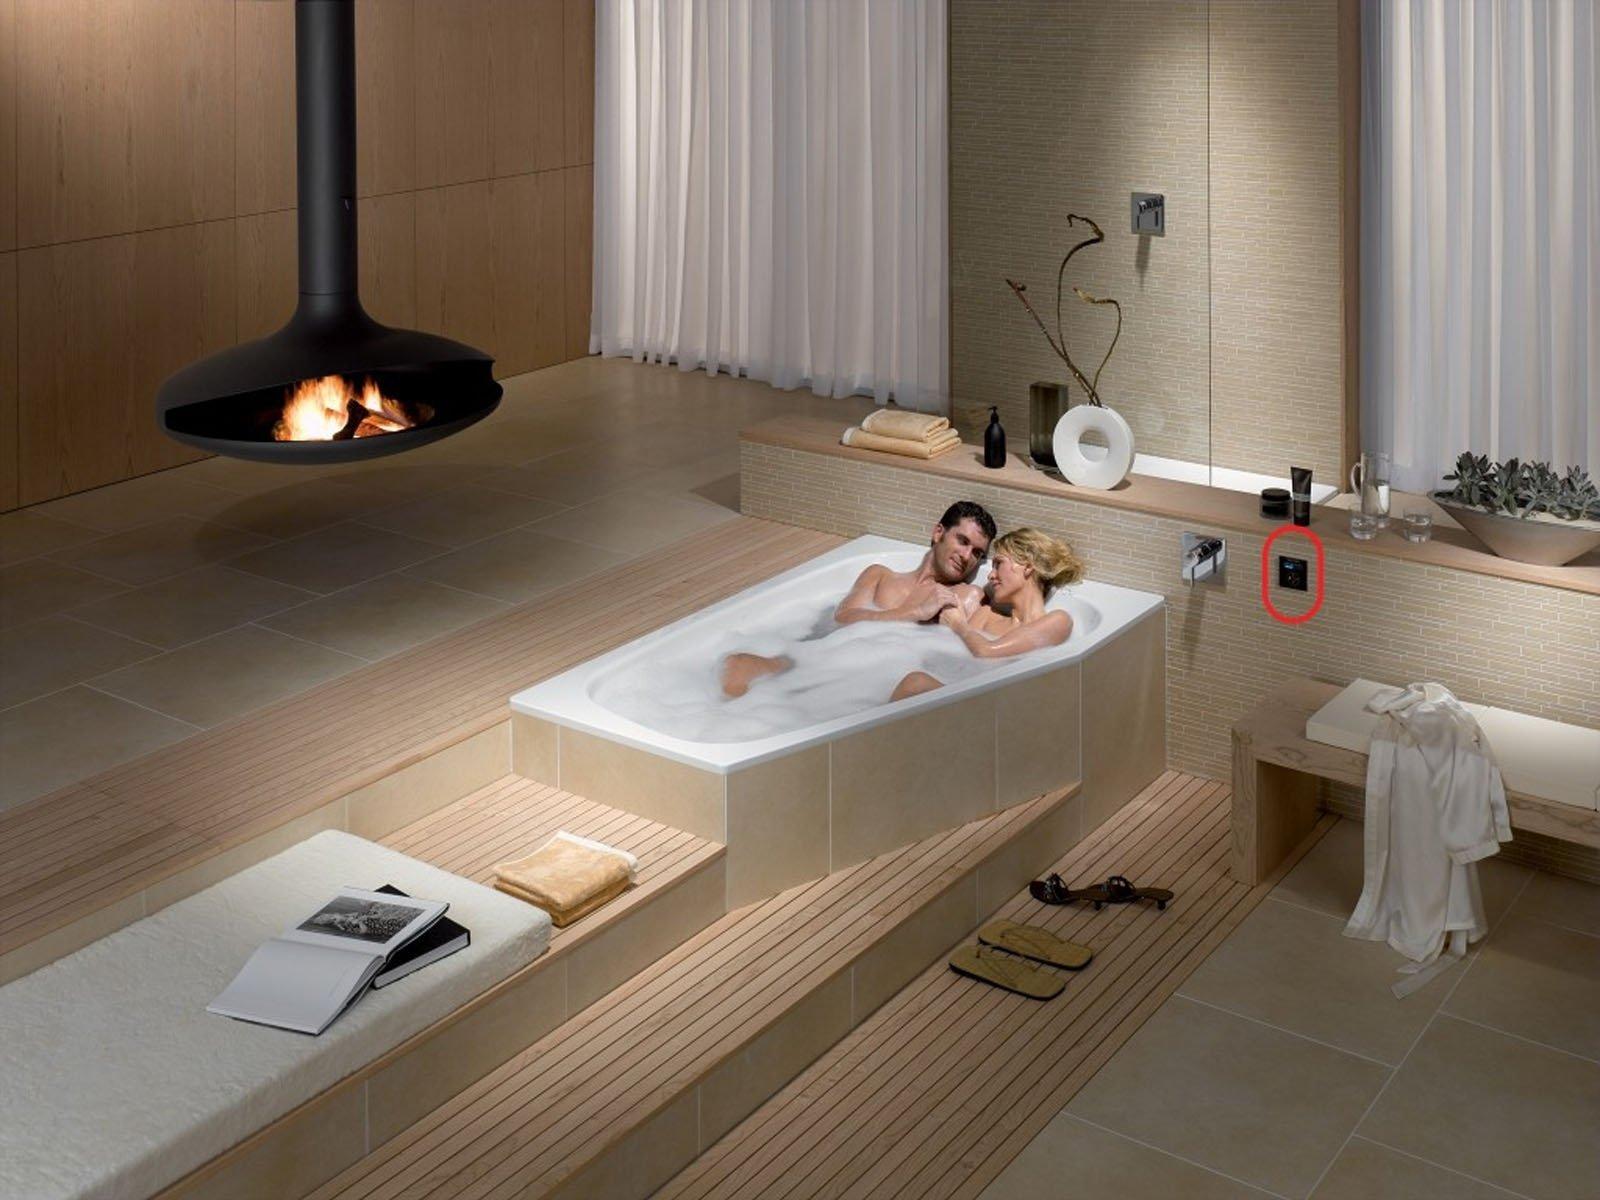 10 Spectacular Bath Ideas For Small Bathrooms small and functional bathroom design ideas small bathroom ideas to 1 2020